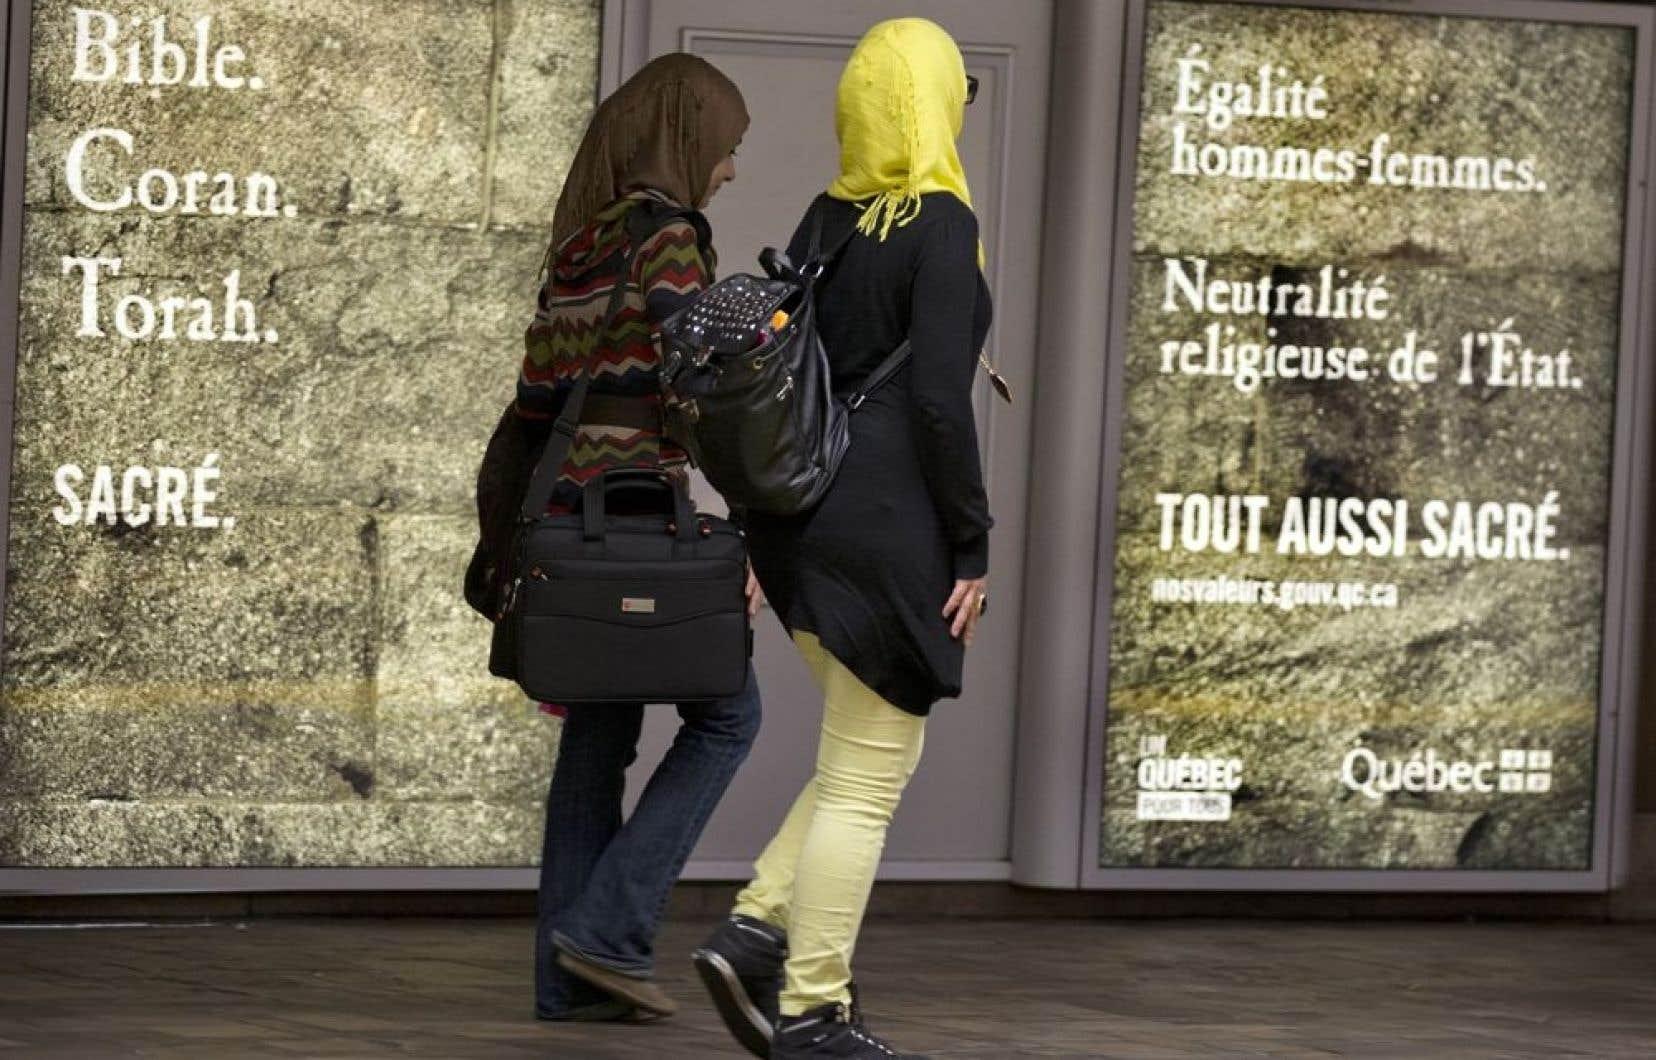 La charte des valeurs contrevient aux dispositions de la Charte québécoise